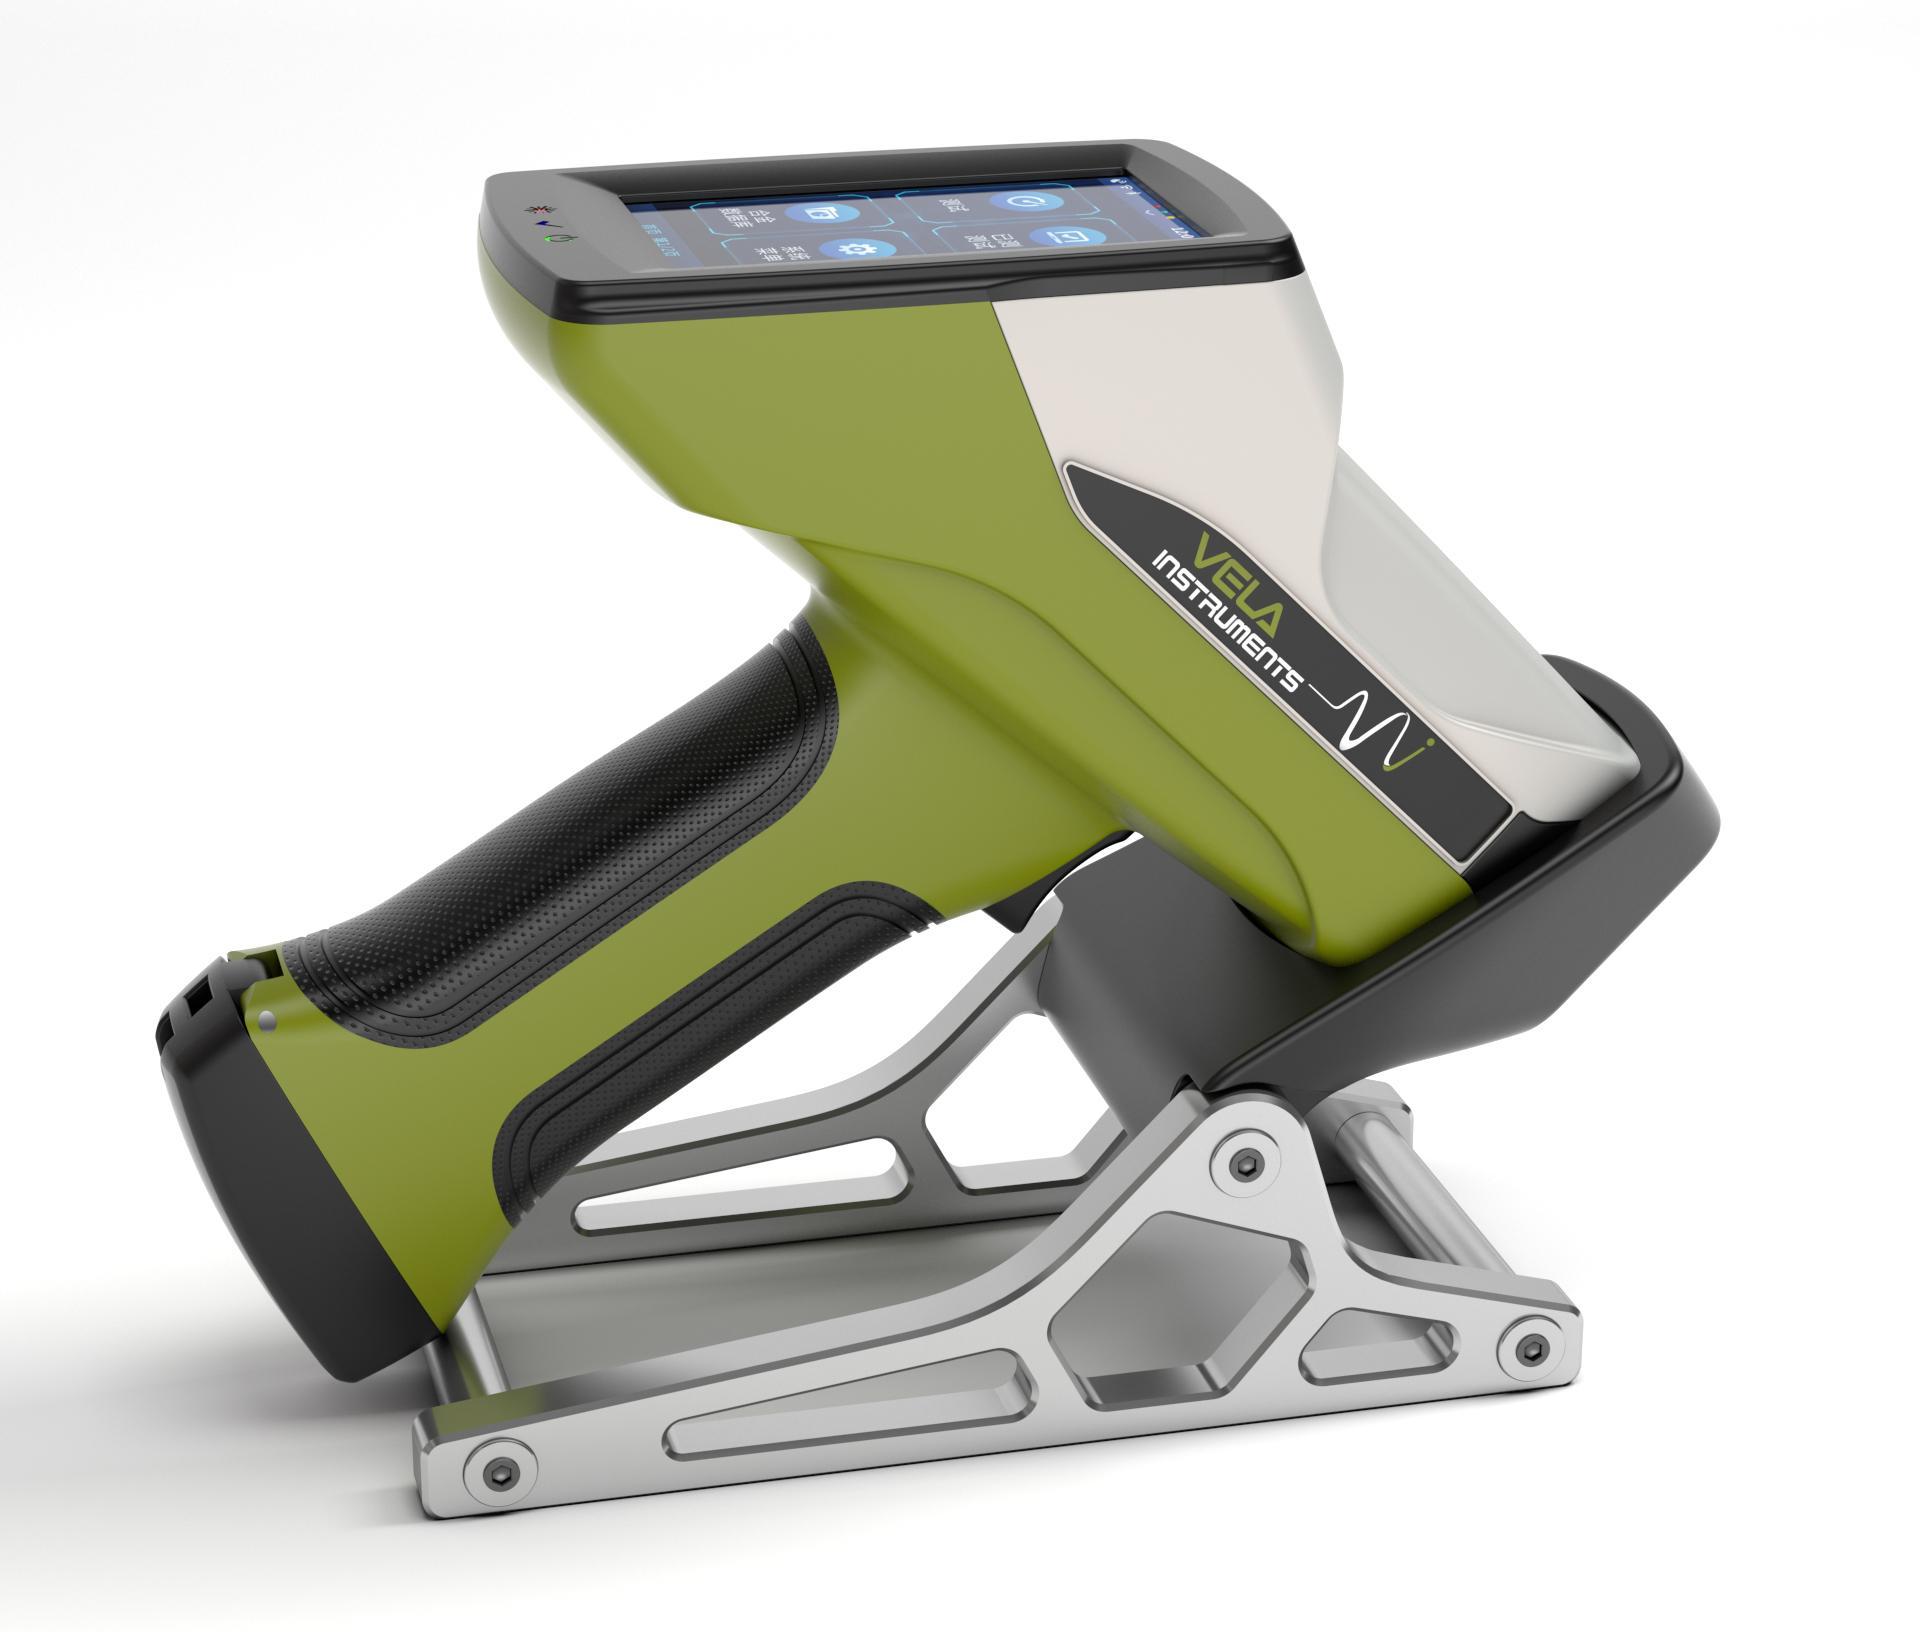 HP-VELA001 Laser Metal Analyzer